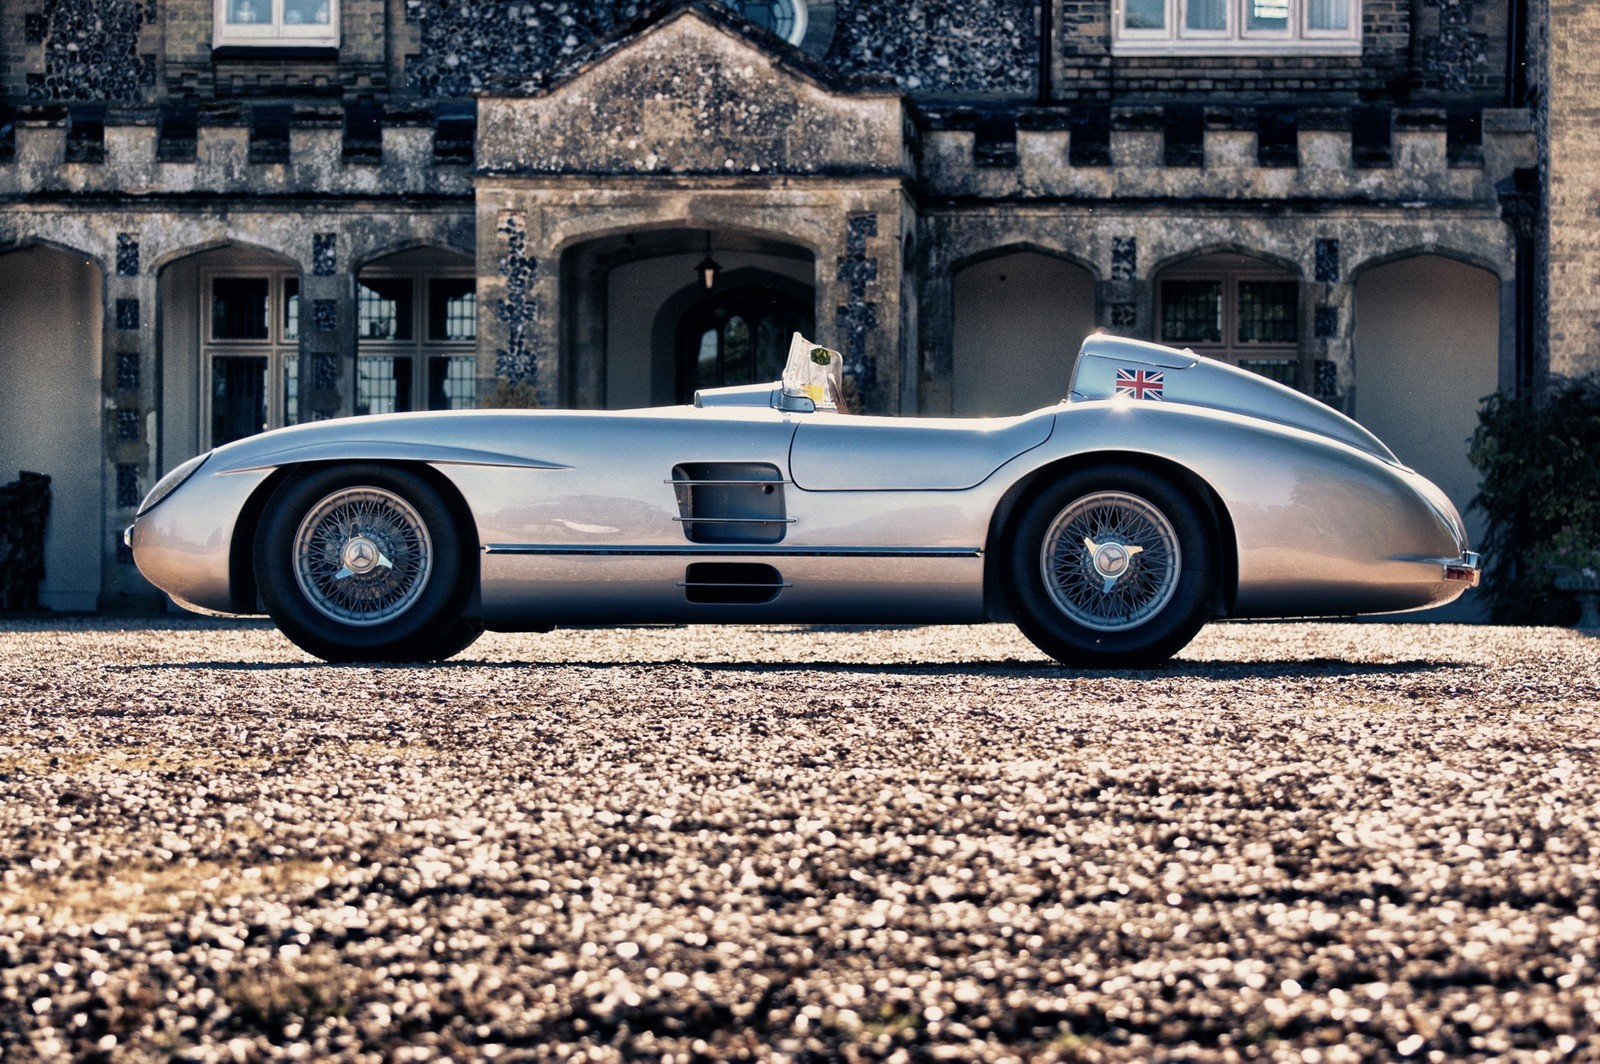 Video xe - Top 5 mẫu xe ô tô sang trọng bậc nhất của Mercedes-Benz (Hình 5).